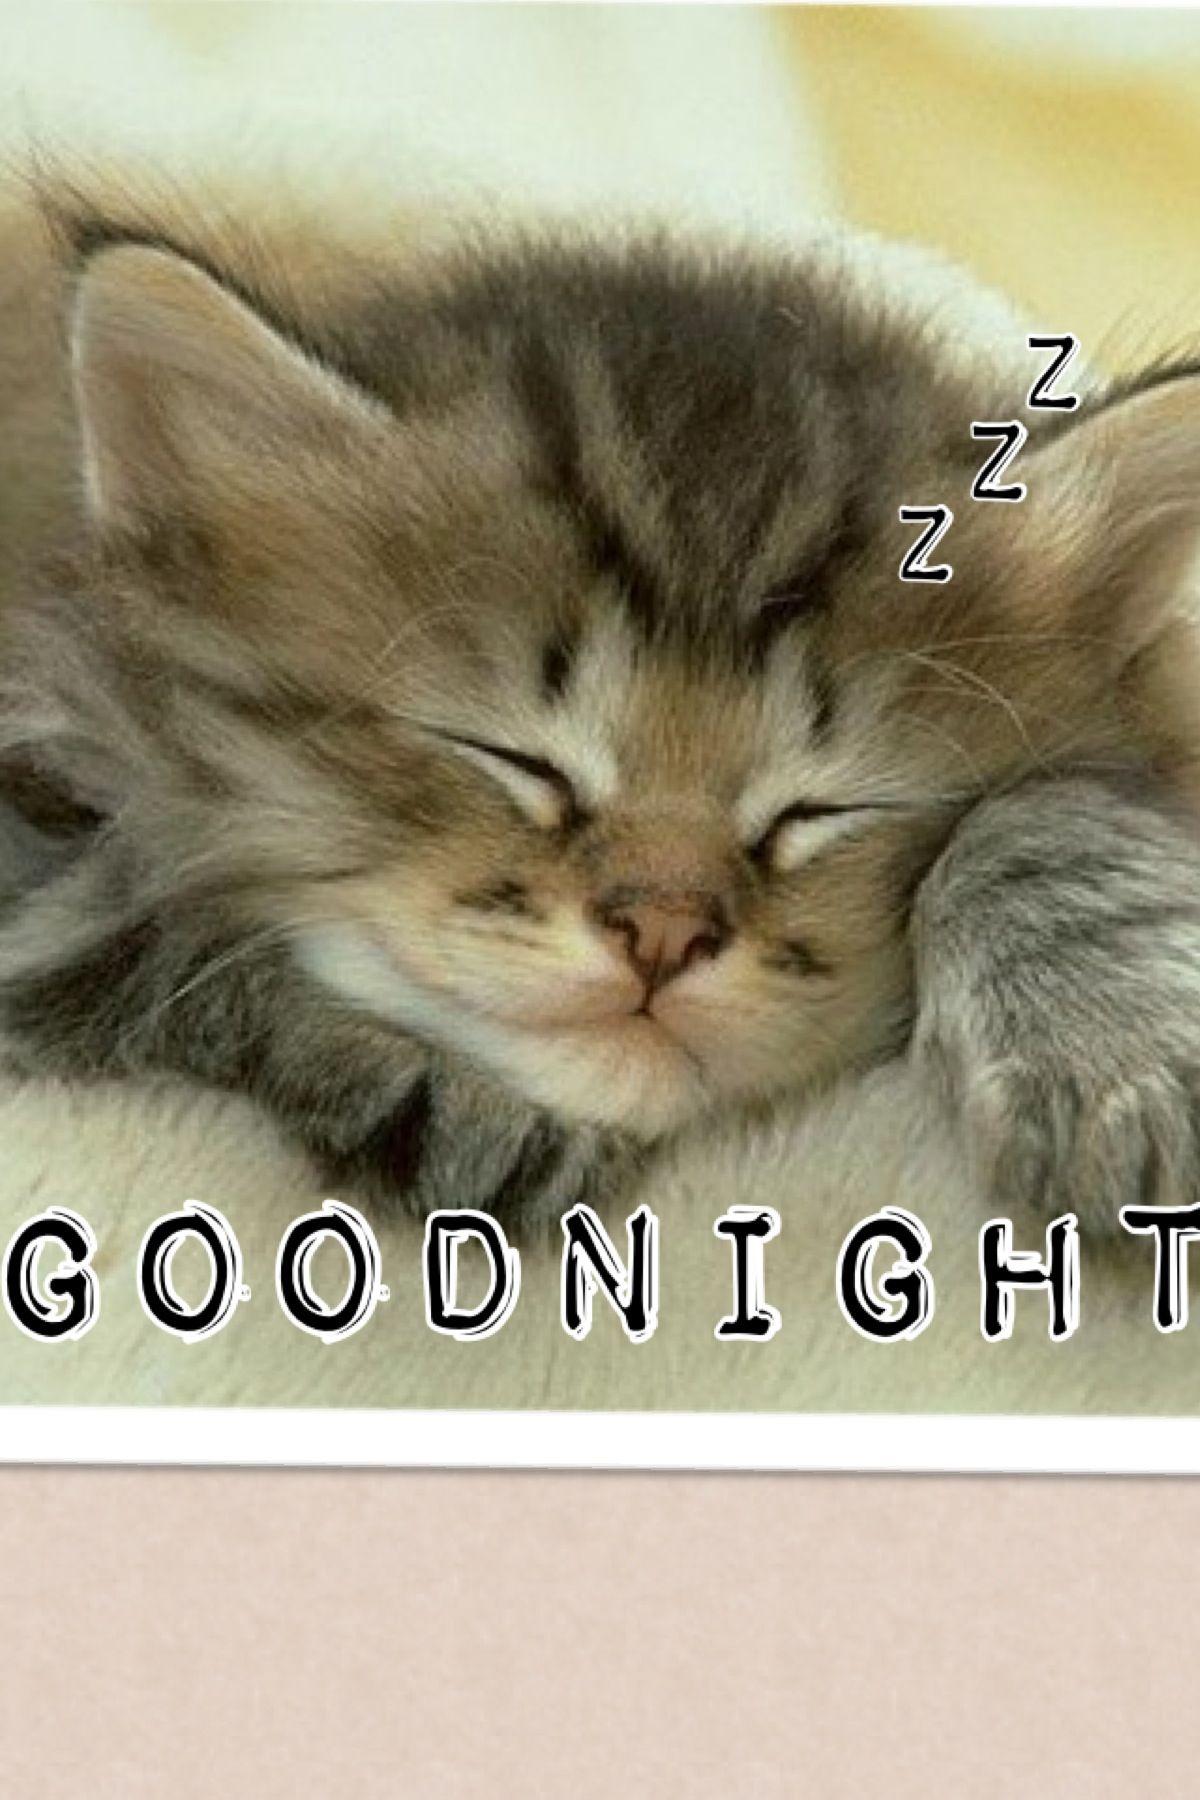 Goodnight Sleeping Animals Kittens Cutest Sleeping Kitten